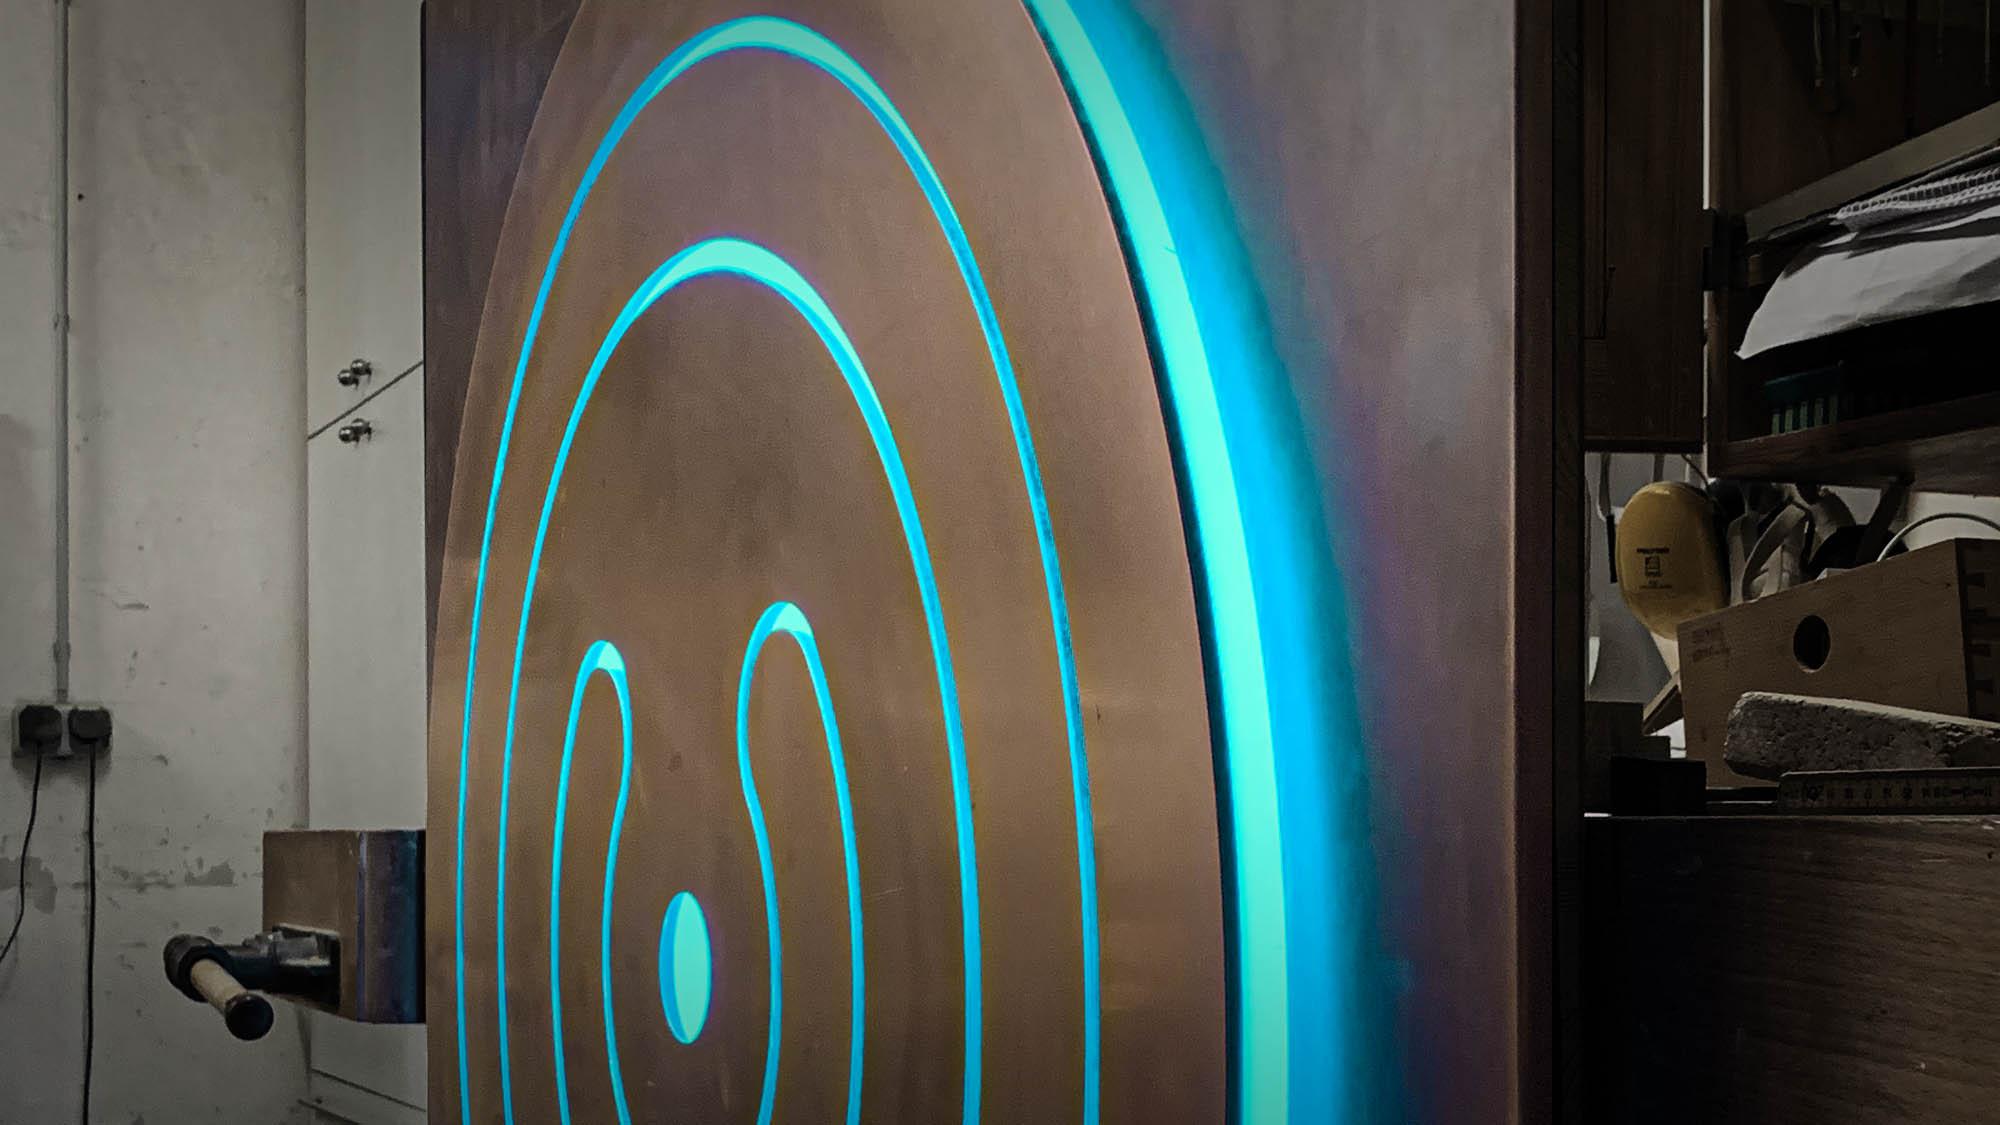 Led_Interior_Design_Light_Installation_10 Led Designer Lamp, copper, art, new media art, led art, light art, light artist